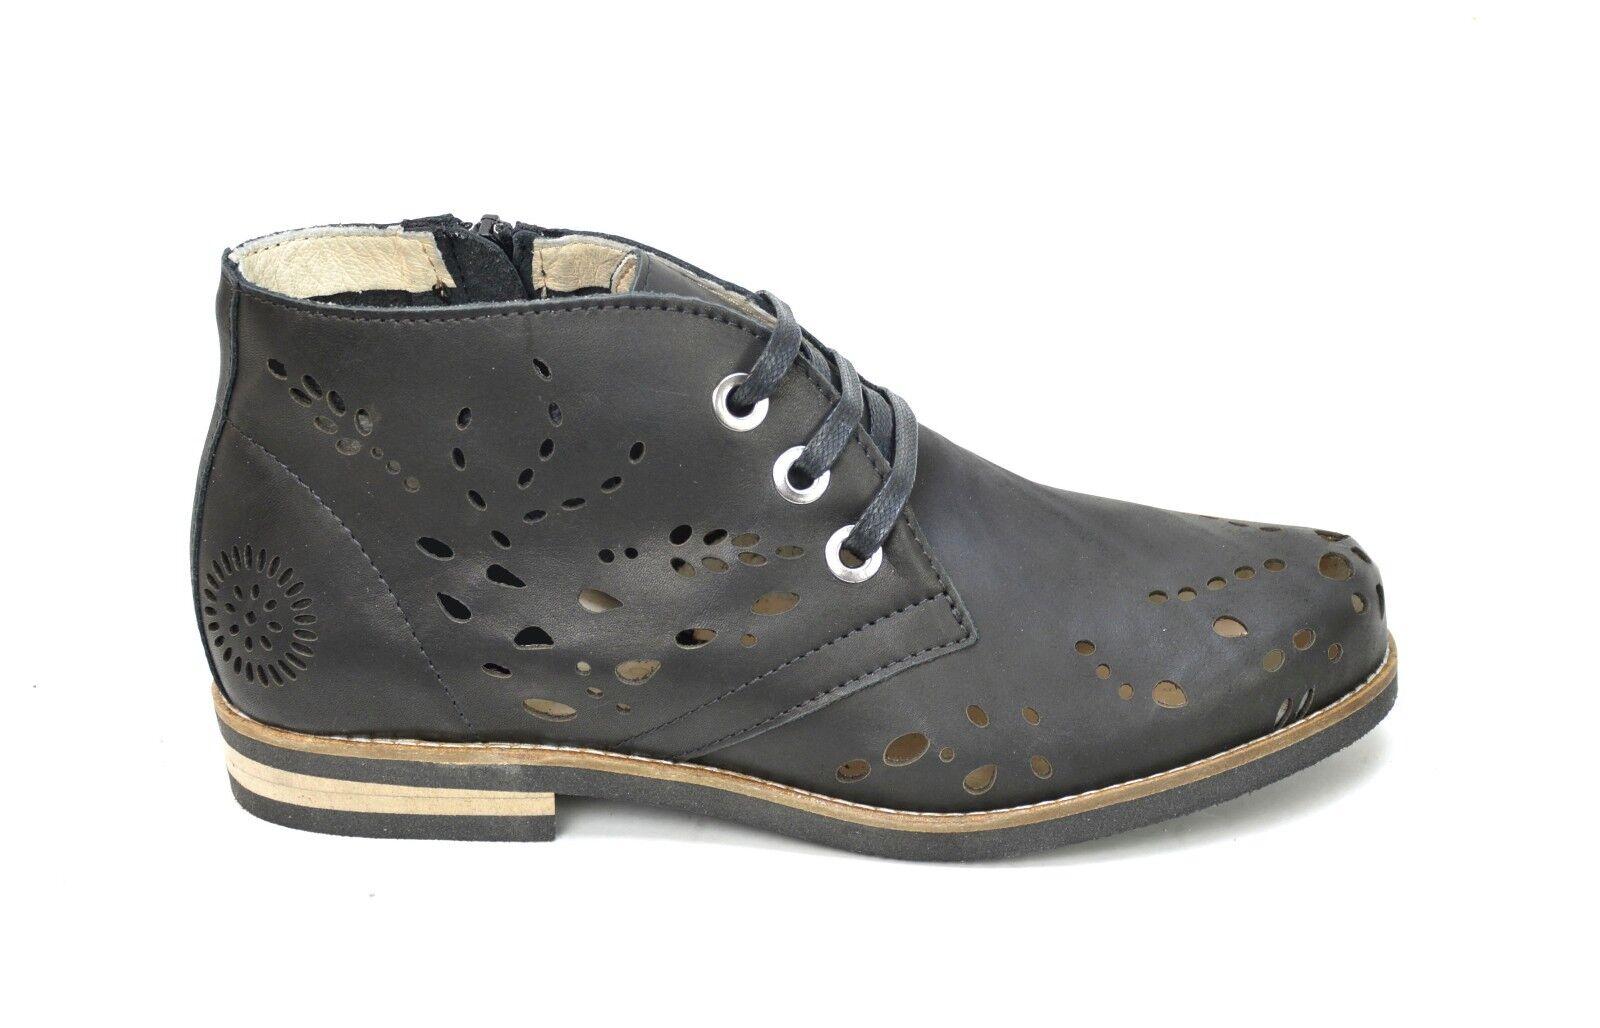 negozio online outlet OGS Wide Wide Wide scarpe Angelina nero Laser Perforated Leather Ankle stivali 3E wide  Garanzia di vestibilità al 100%